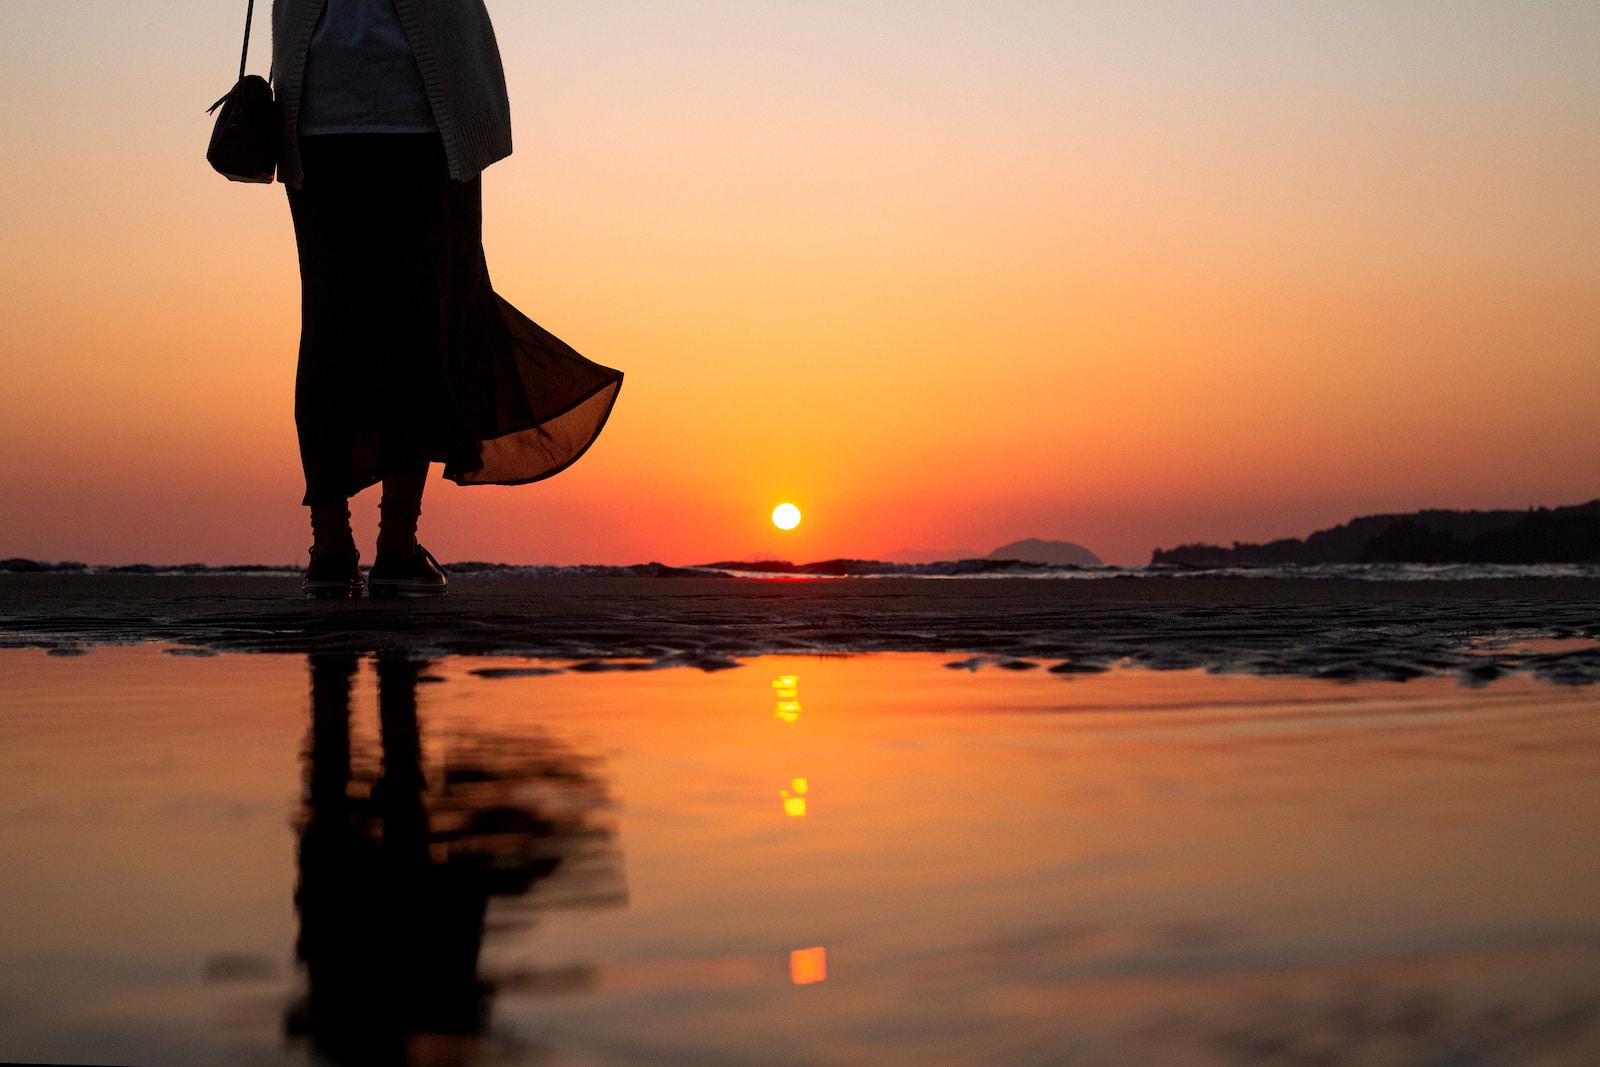 【三津浜まち歩きコース】 三津浜の町並みを楽しむ、グルメもフォトジェニックも堪能したい方におすすめのコース